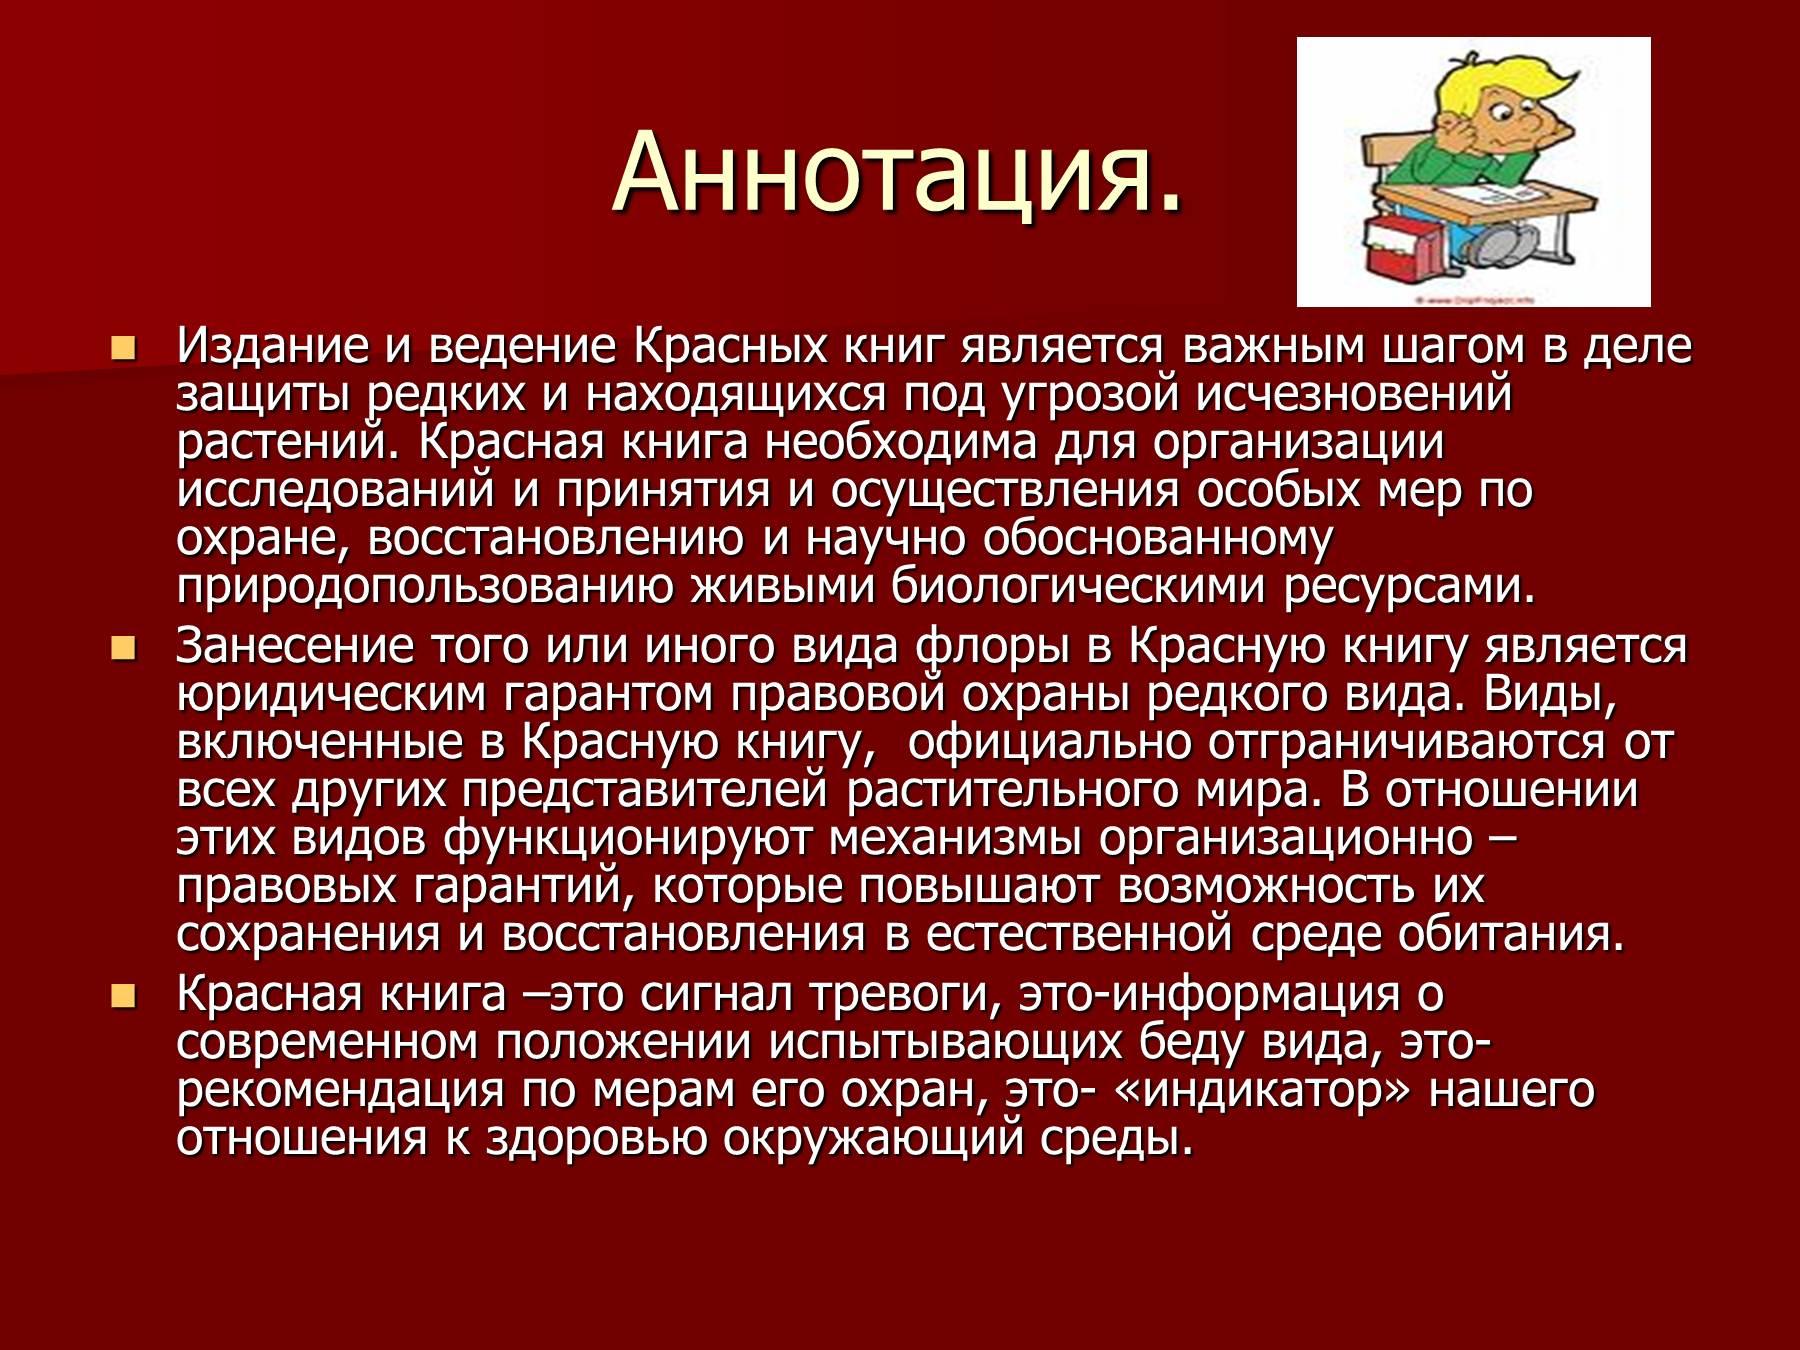 Как сделать проект 4 класса на тему красная книга россии